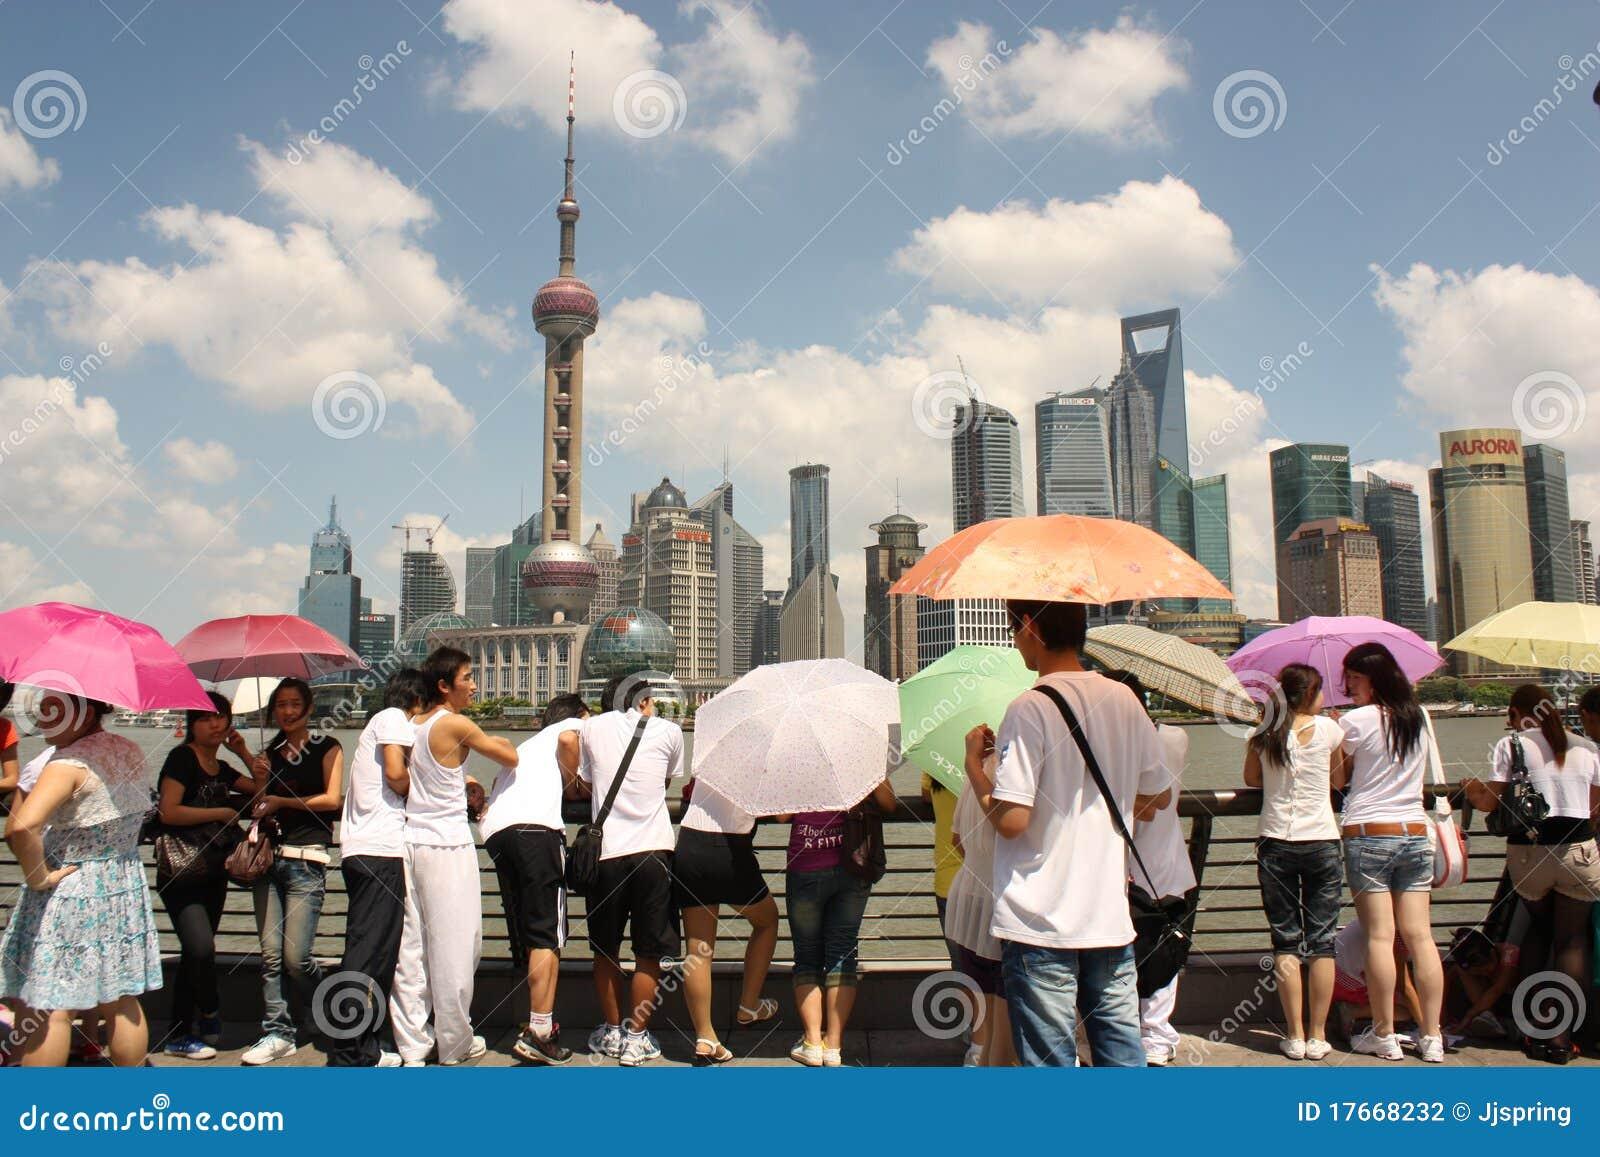 Skyline de Shanghai com turistas